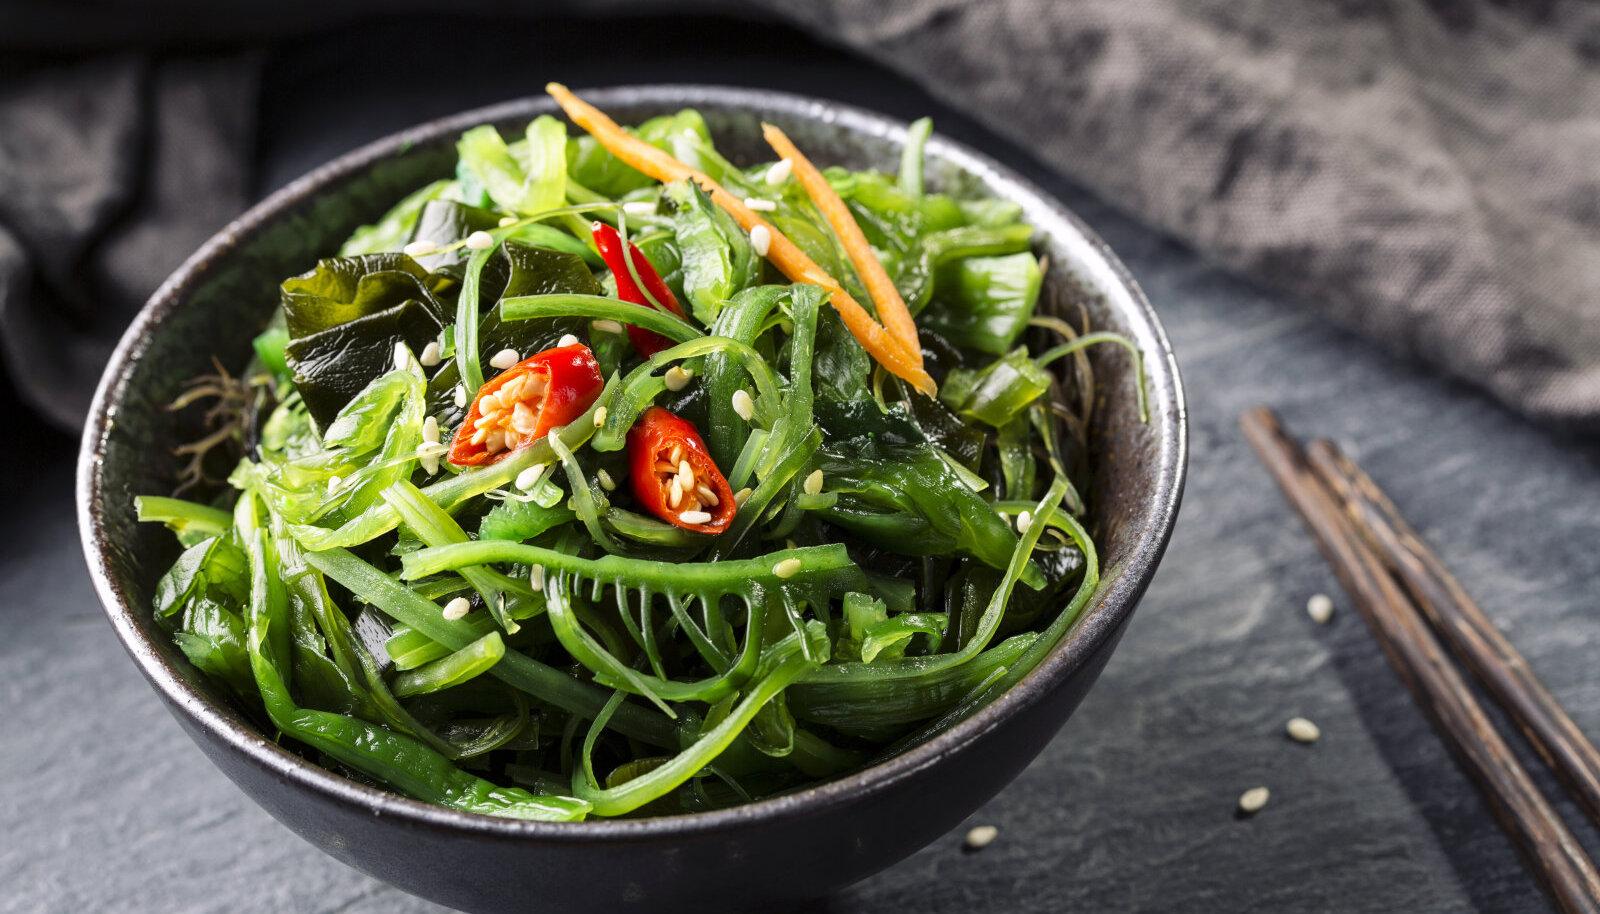 Erinevad vetikad sisaldavad rohkelt inimesele kergesti omastatavaid kasulikke aineid.